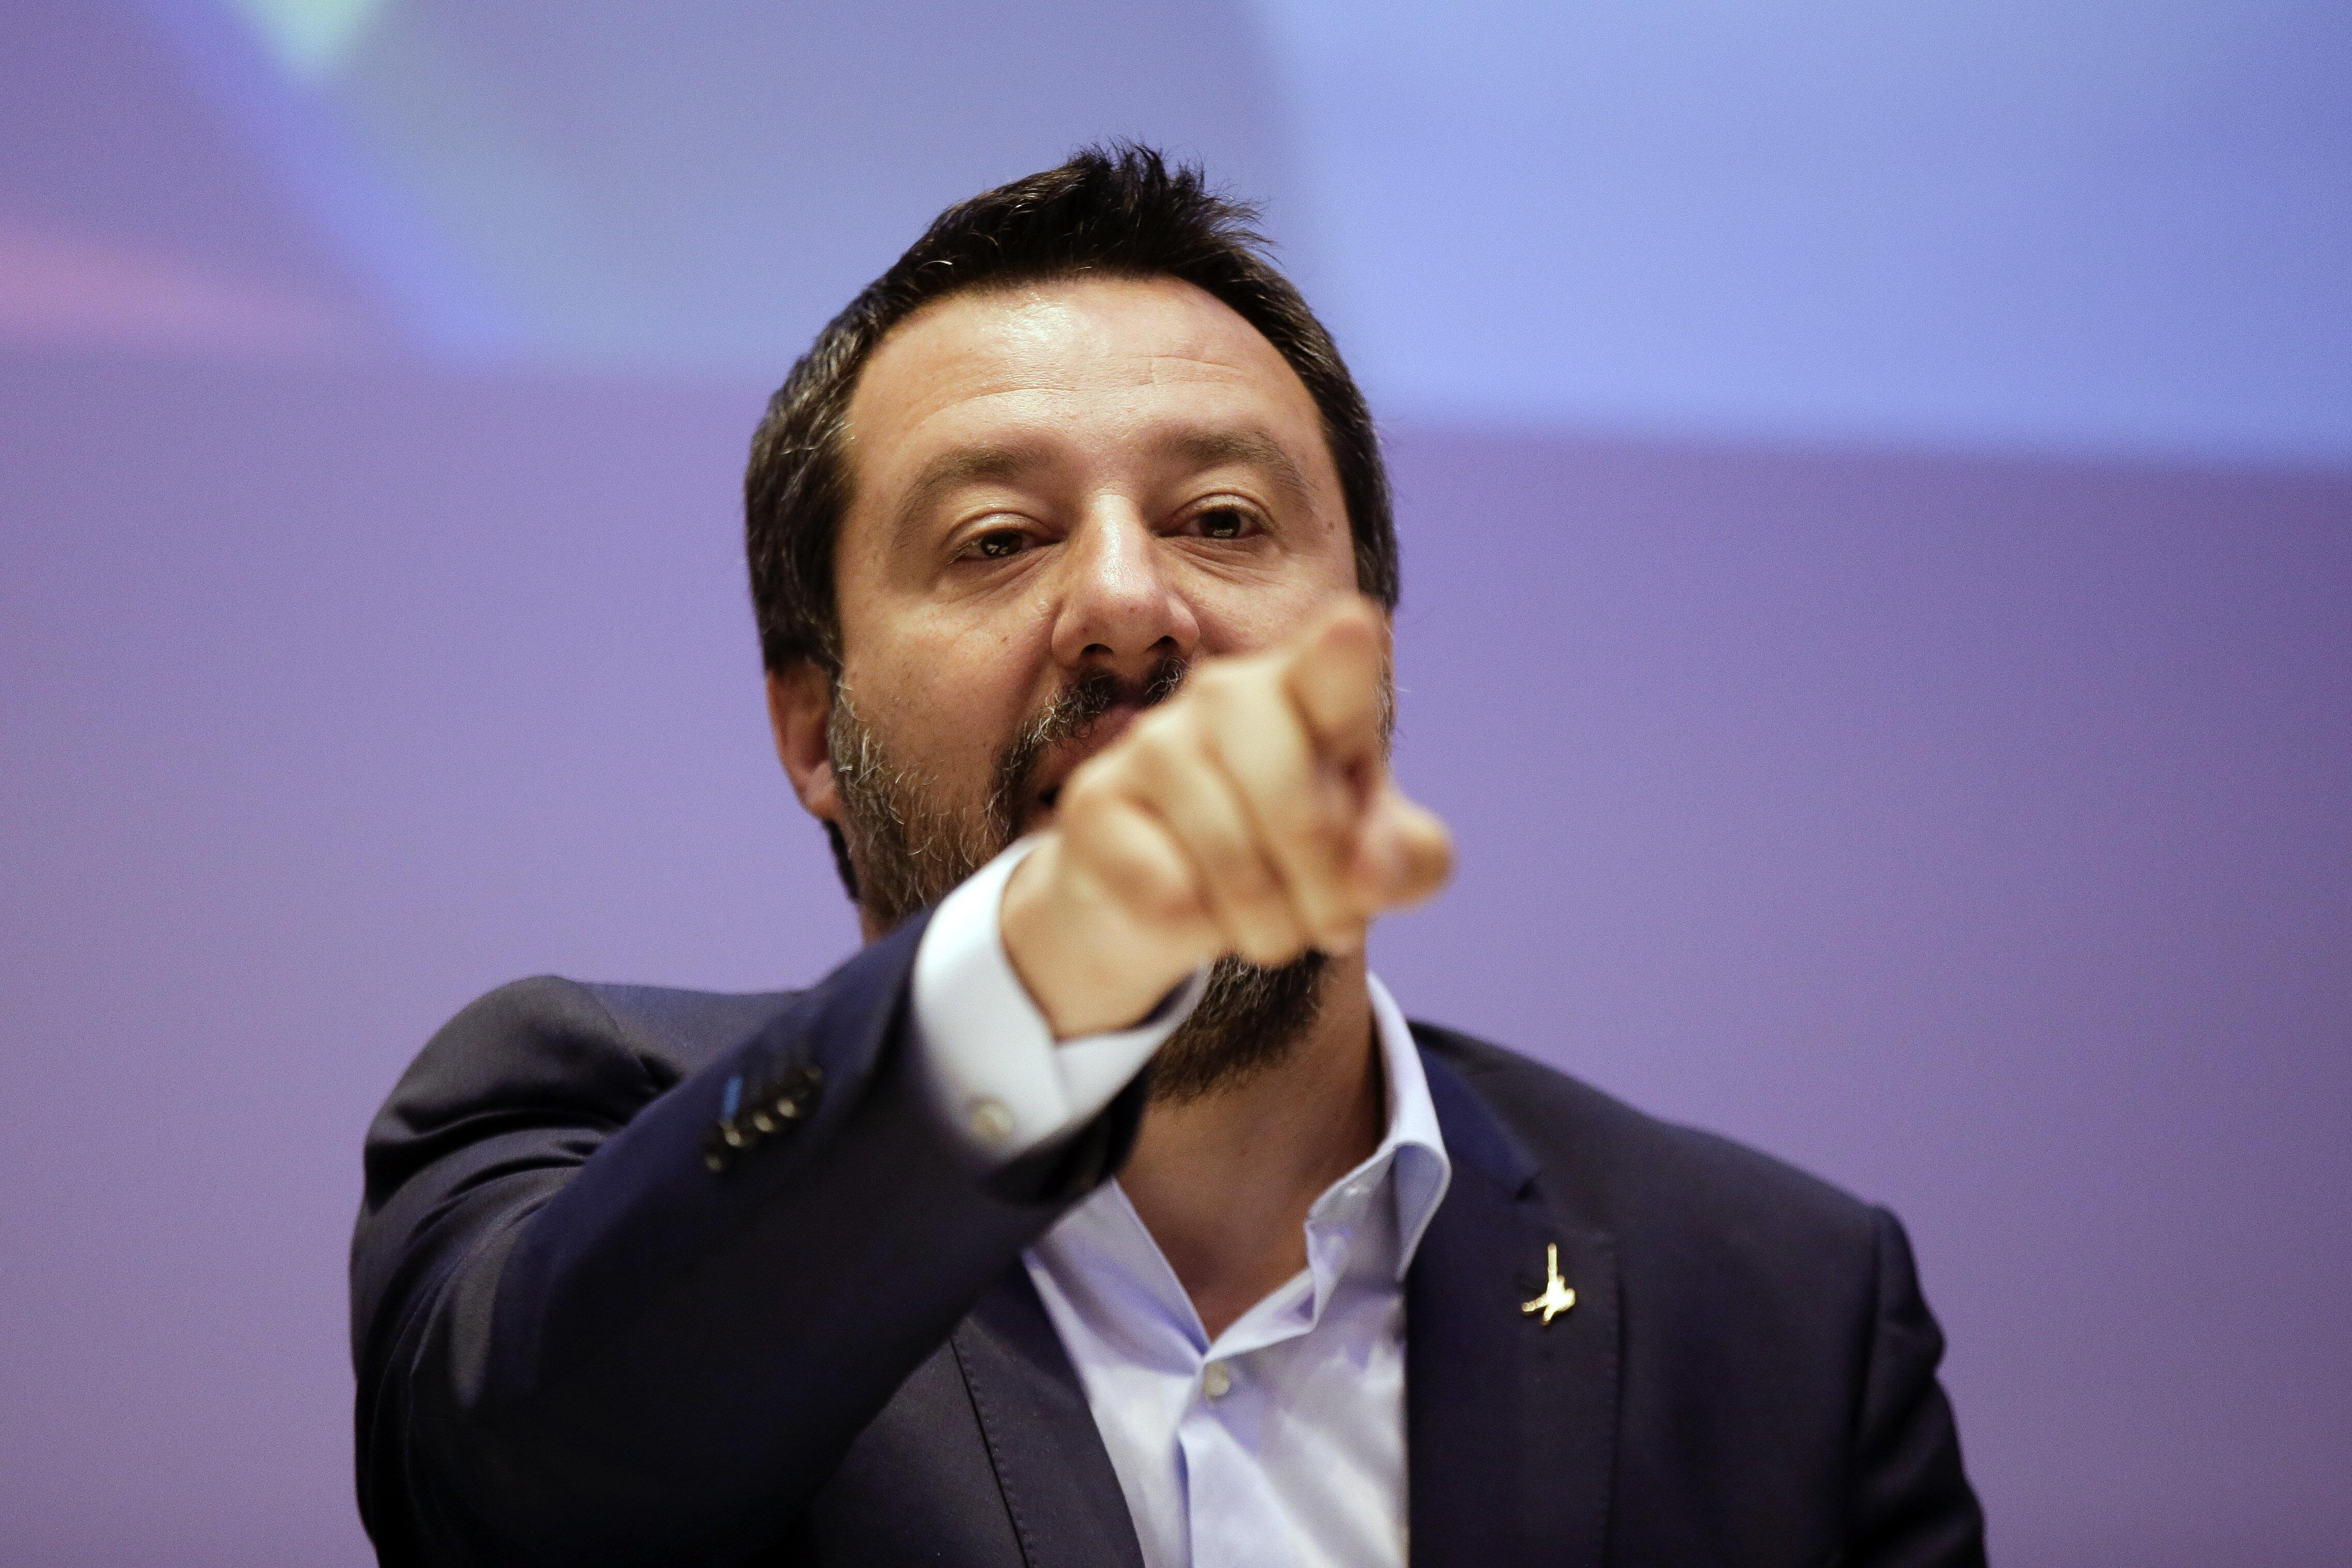 Ακροδεξιά προπαγάνδα Σαλβίνι: Αν κερδίσει η Αριστερά η Ευρώπη θα γίνει ισλαμικό